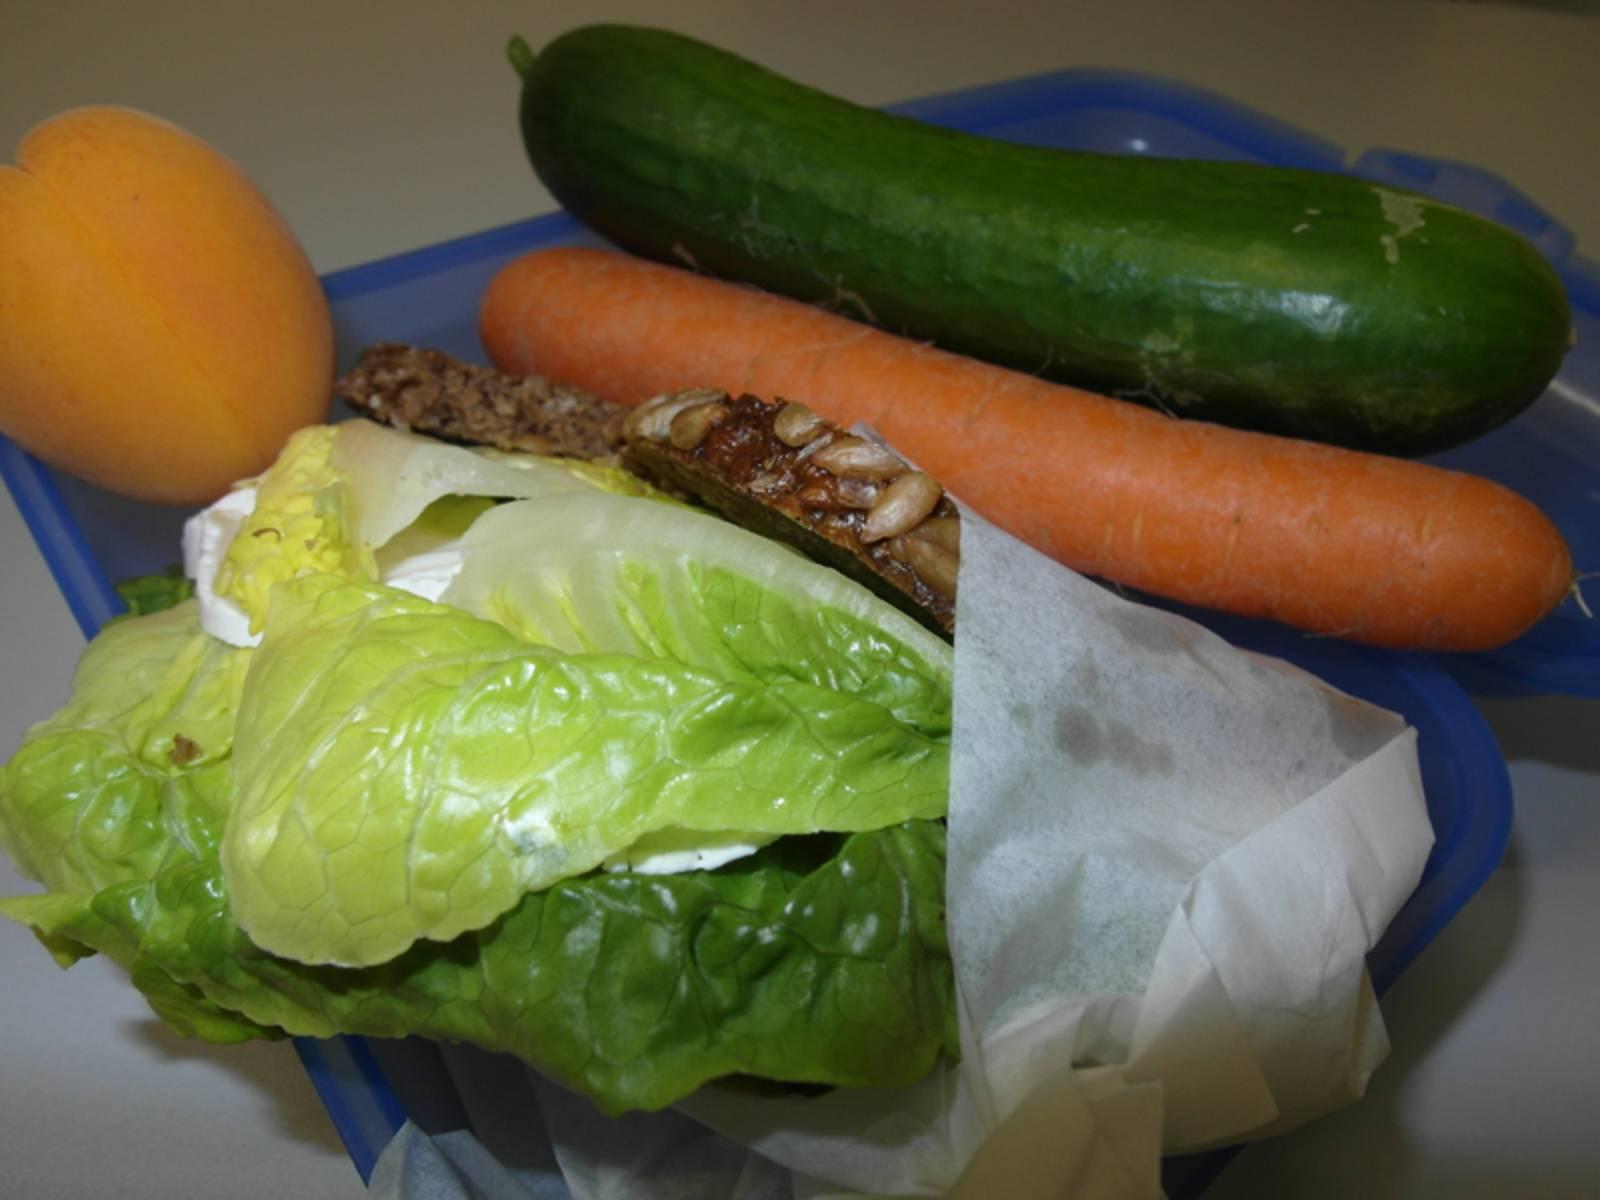 Brotdose mit halbausgewickeltem Brot, Aprikose, Karotte und Gurke